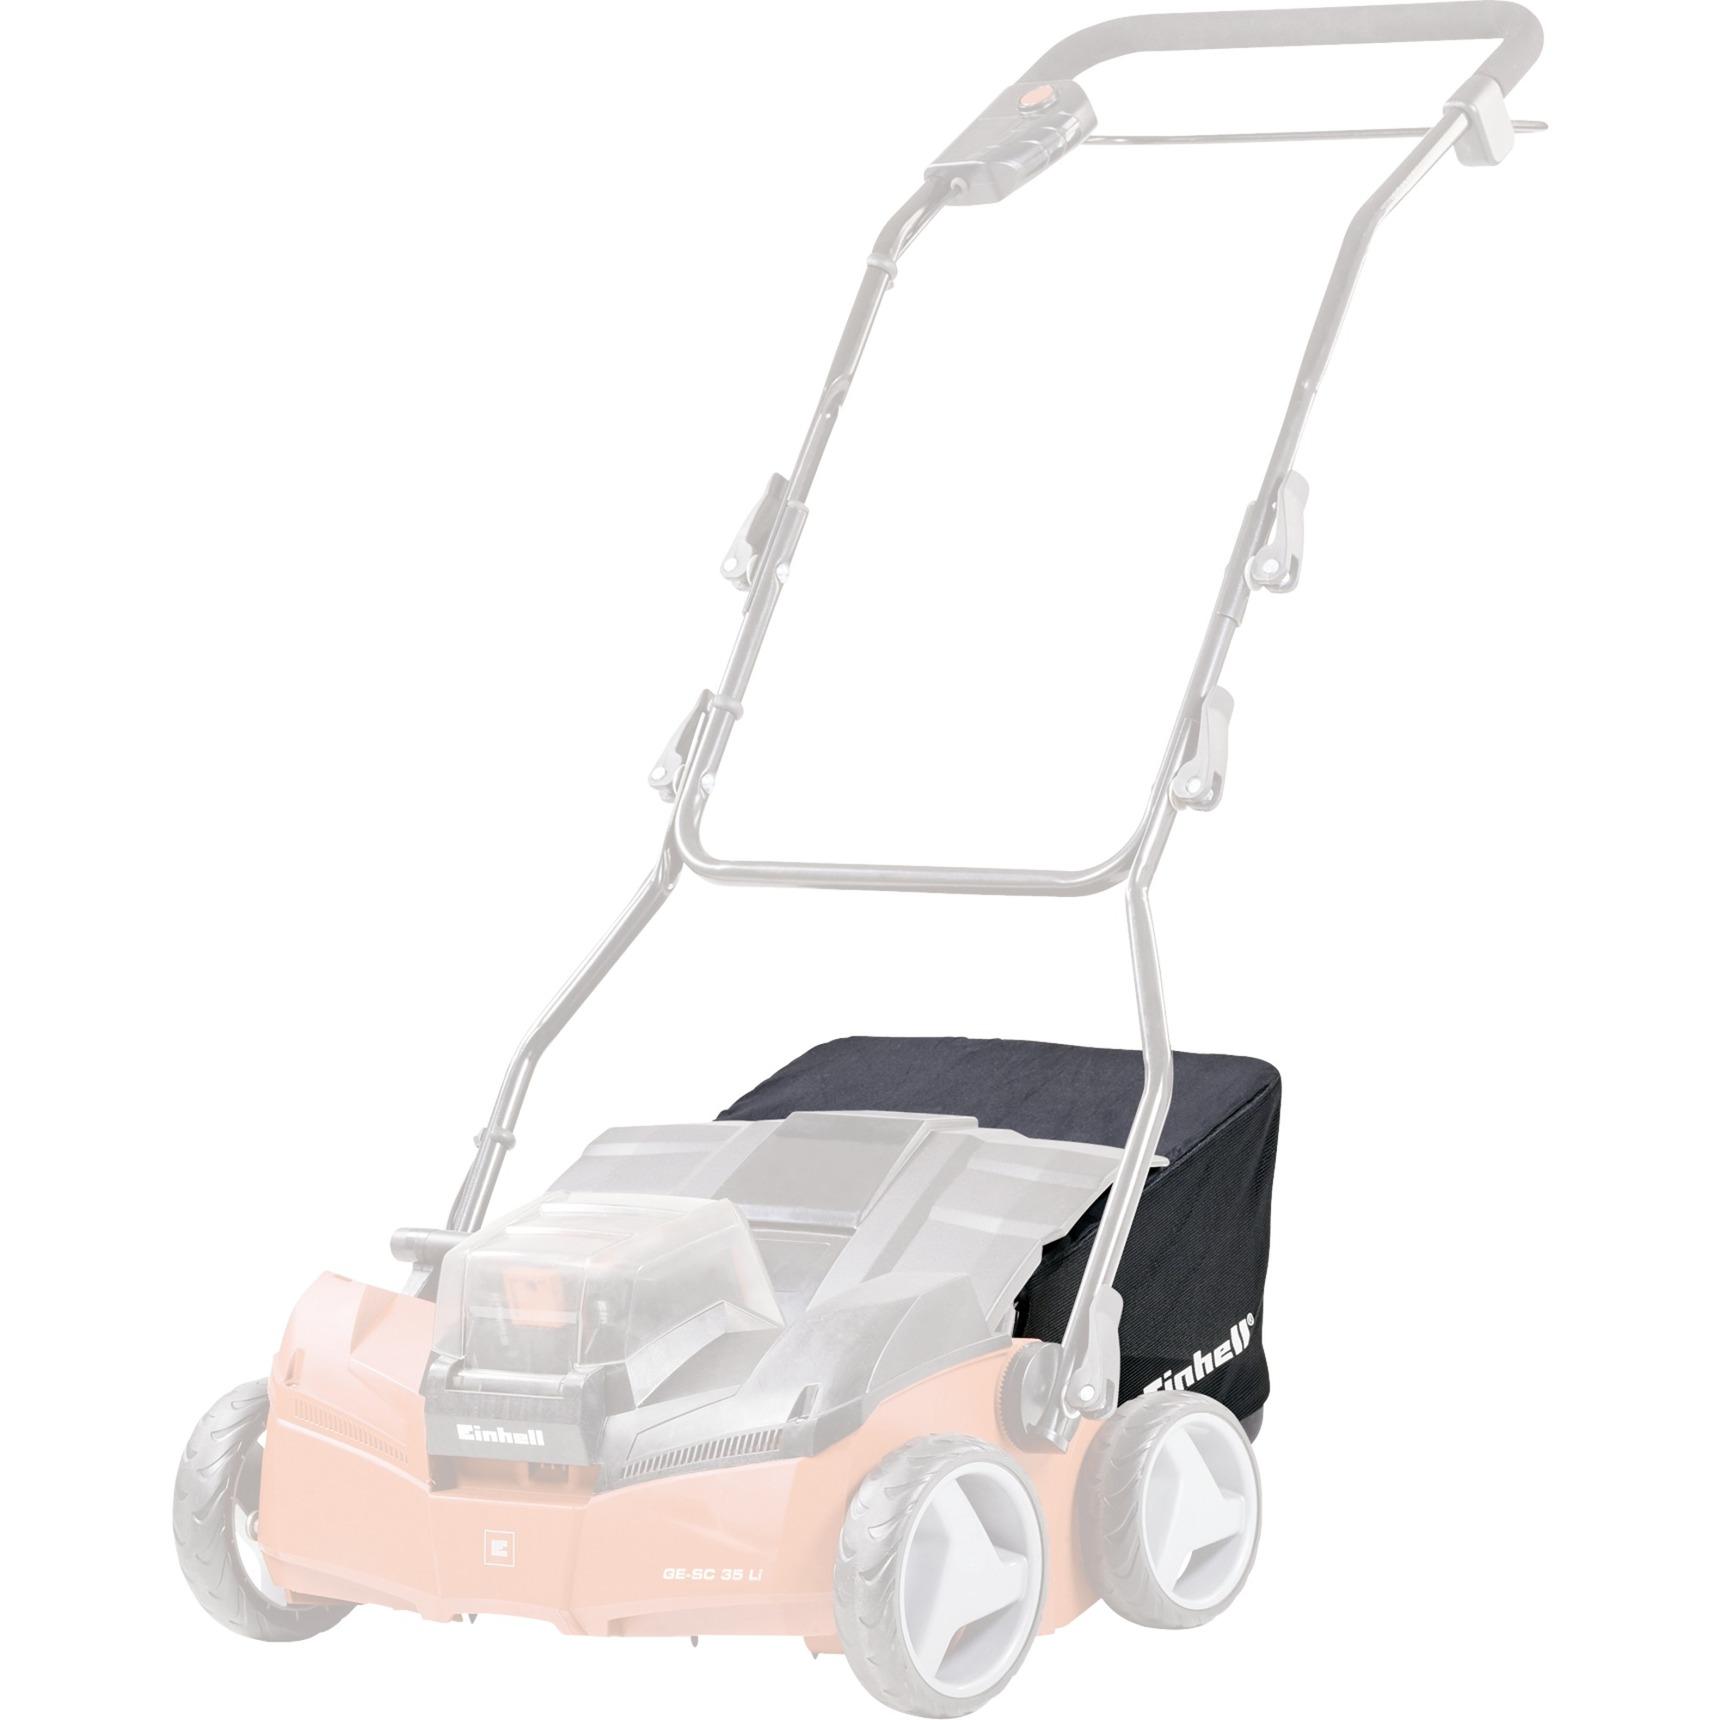 3405576 Cesta de recogida de hierba para cortacésped pieza y accesorio para cortacésped, Bolsa